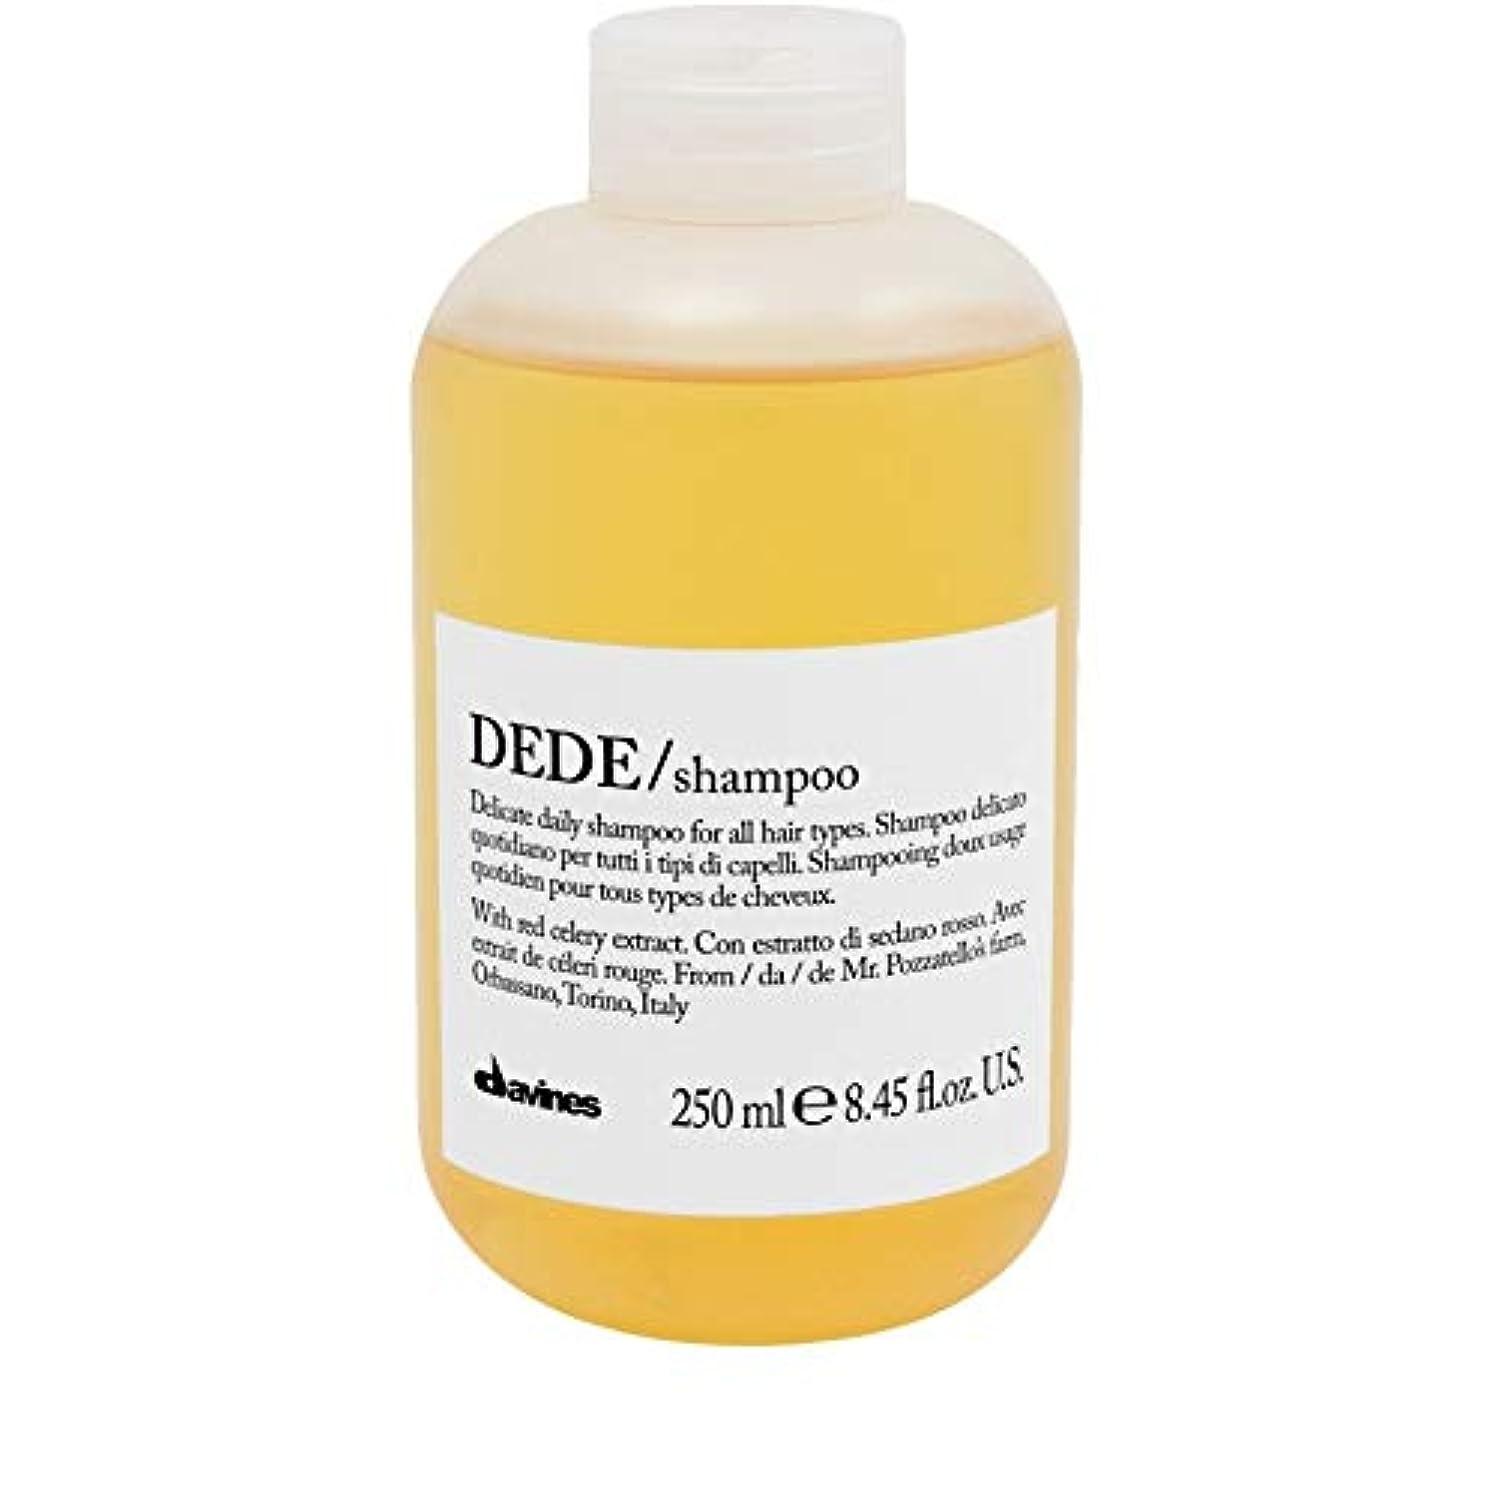 脅かすスキャンダルプレビスサイト[Davines ] ダヴィネスDedeシャンプー250Ml - Davines Dede Shampoo 250ml [並行輸入品]